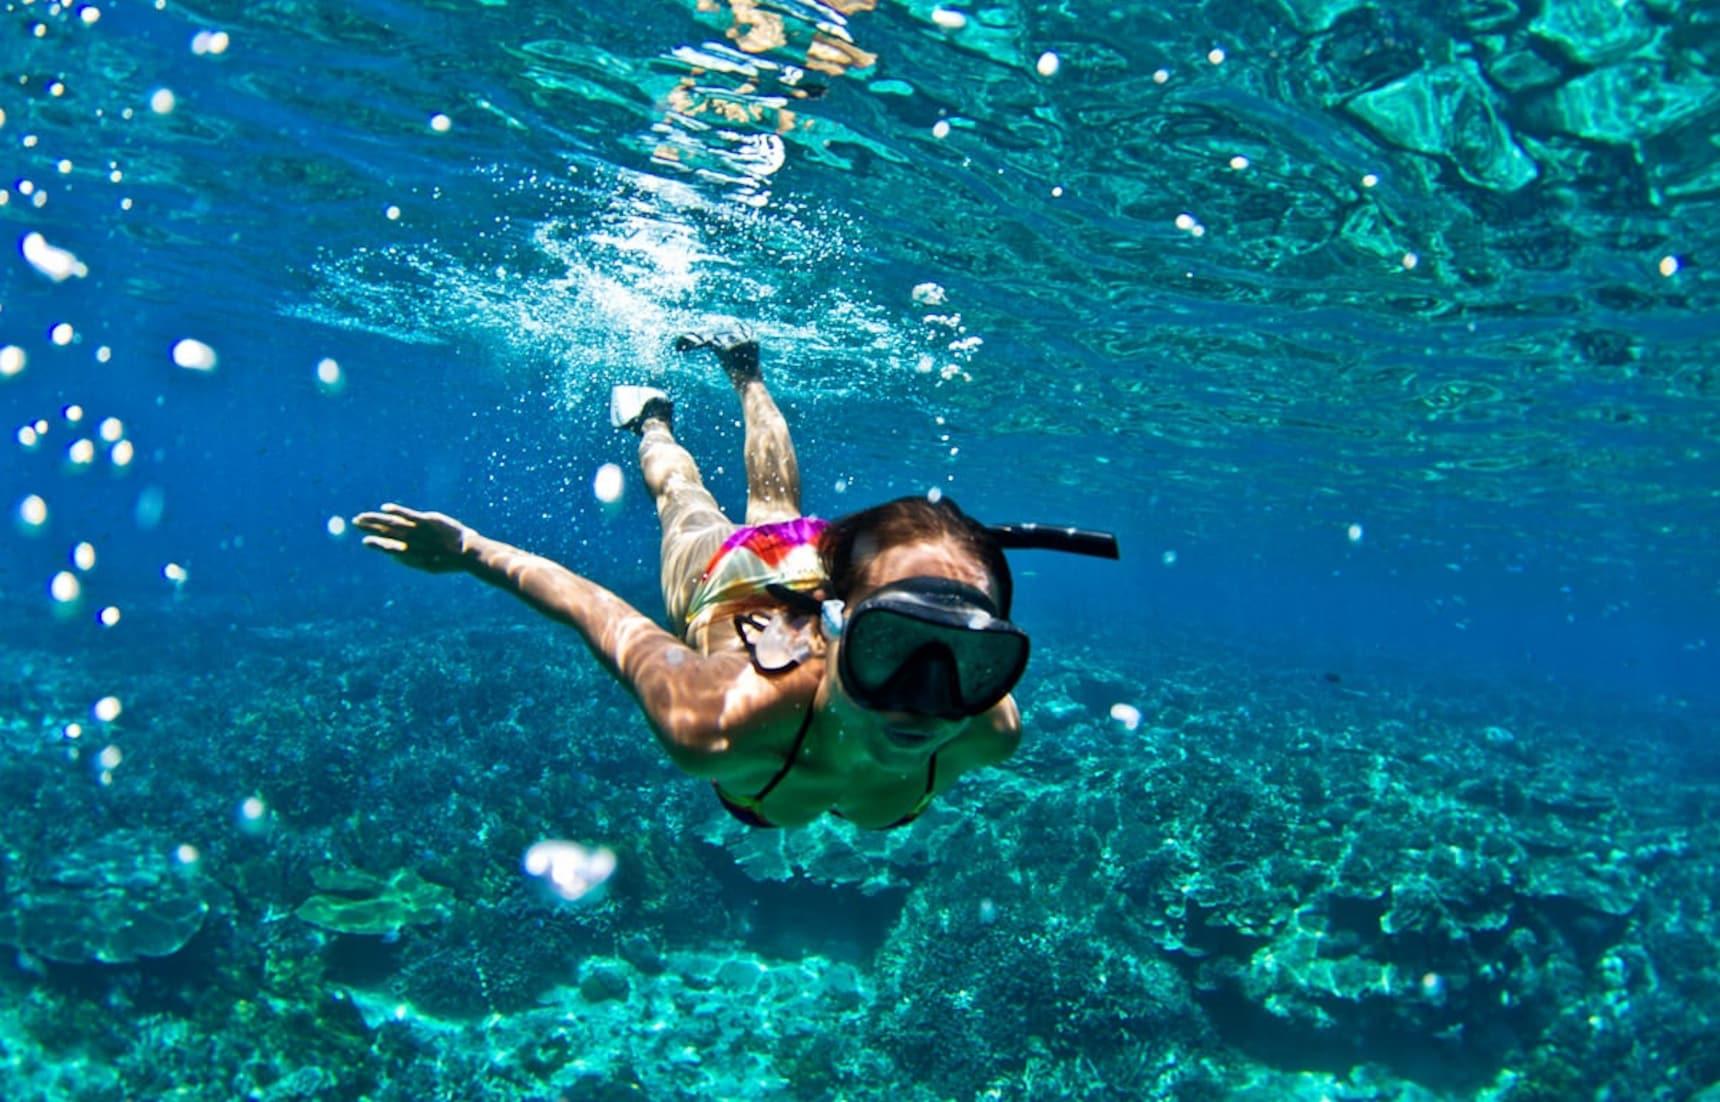 【日本自由行】海底世界初體驗!夏天就是要浮潛!